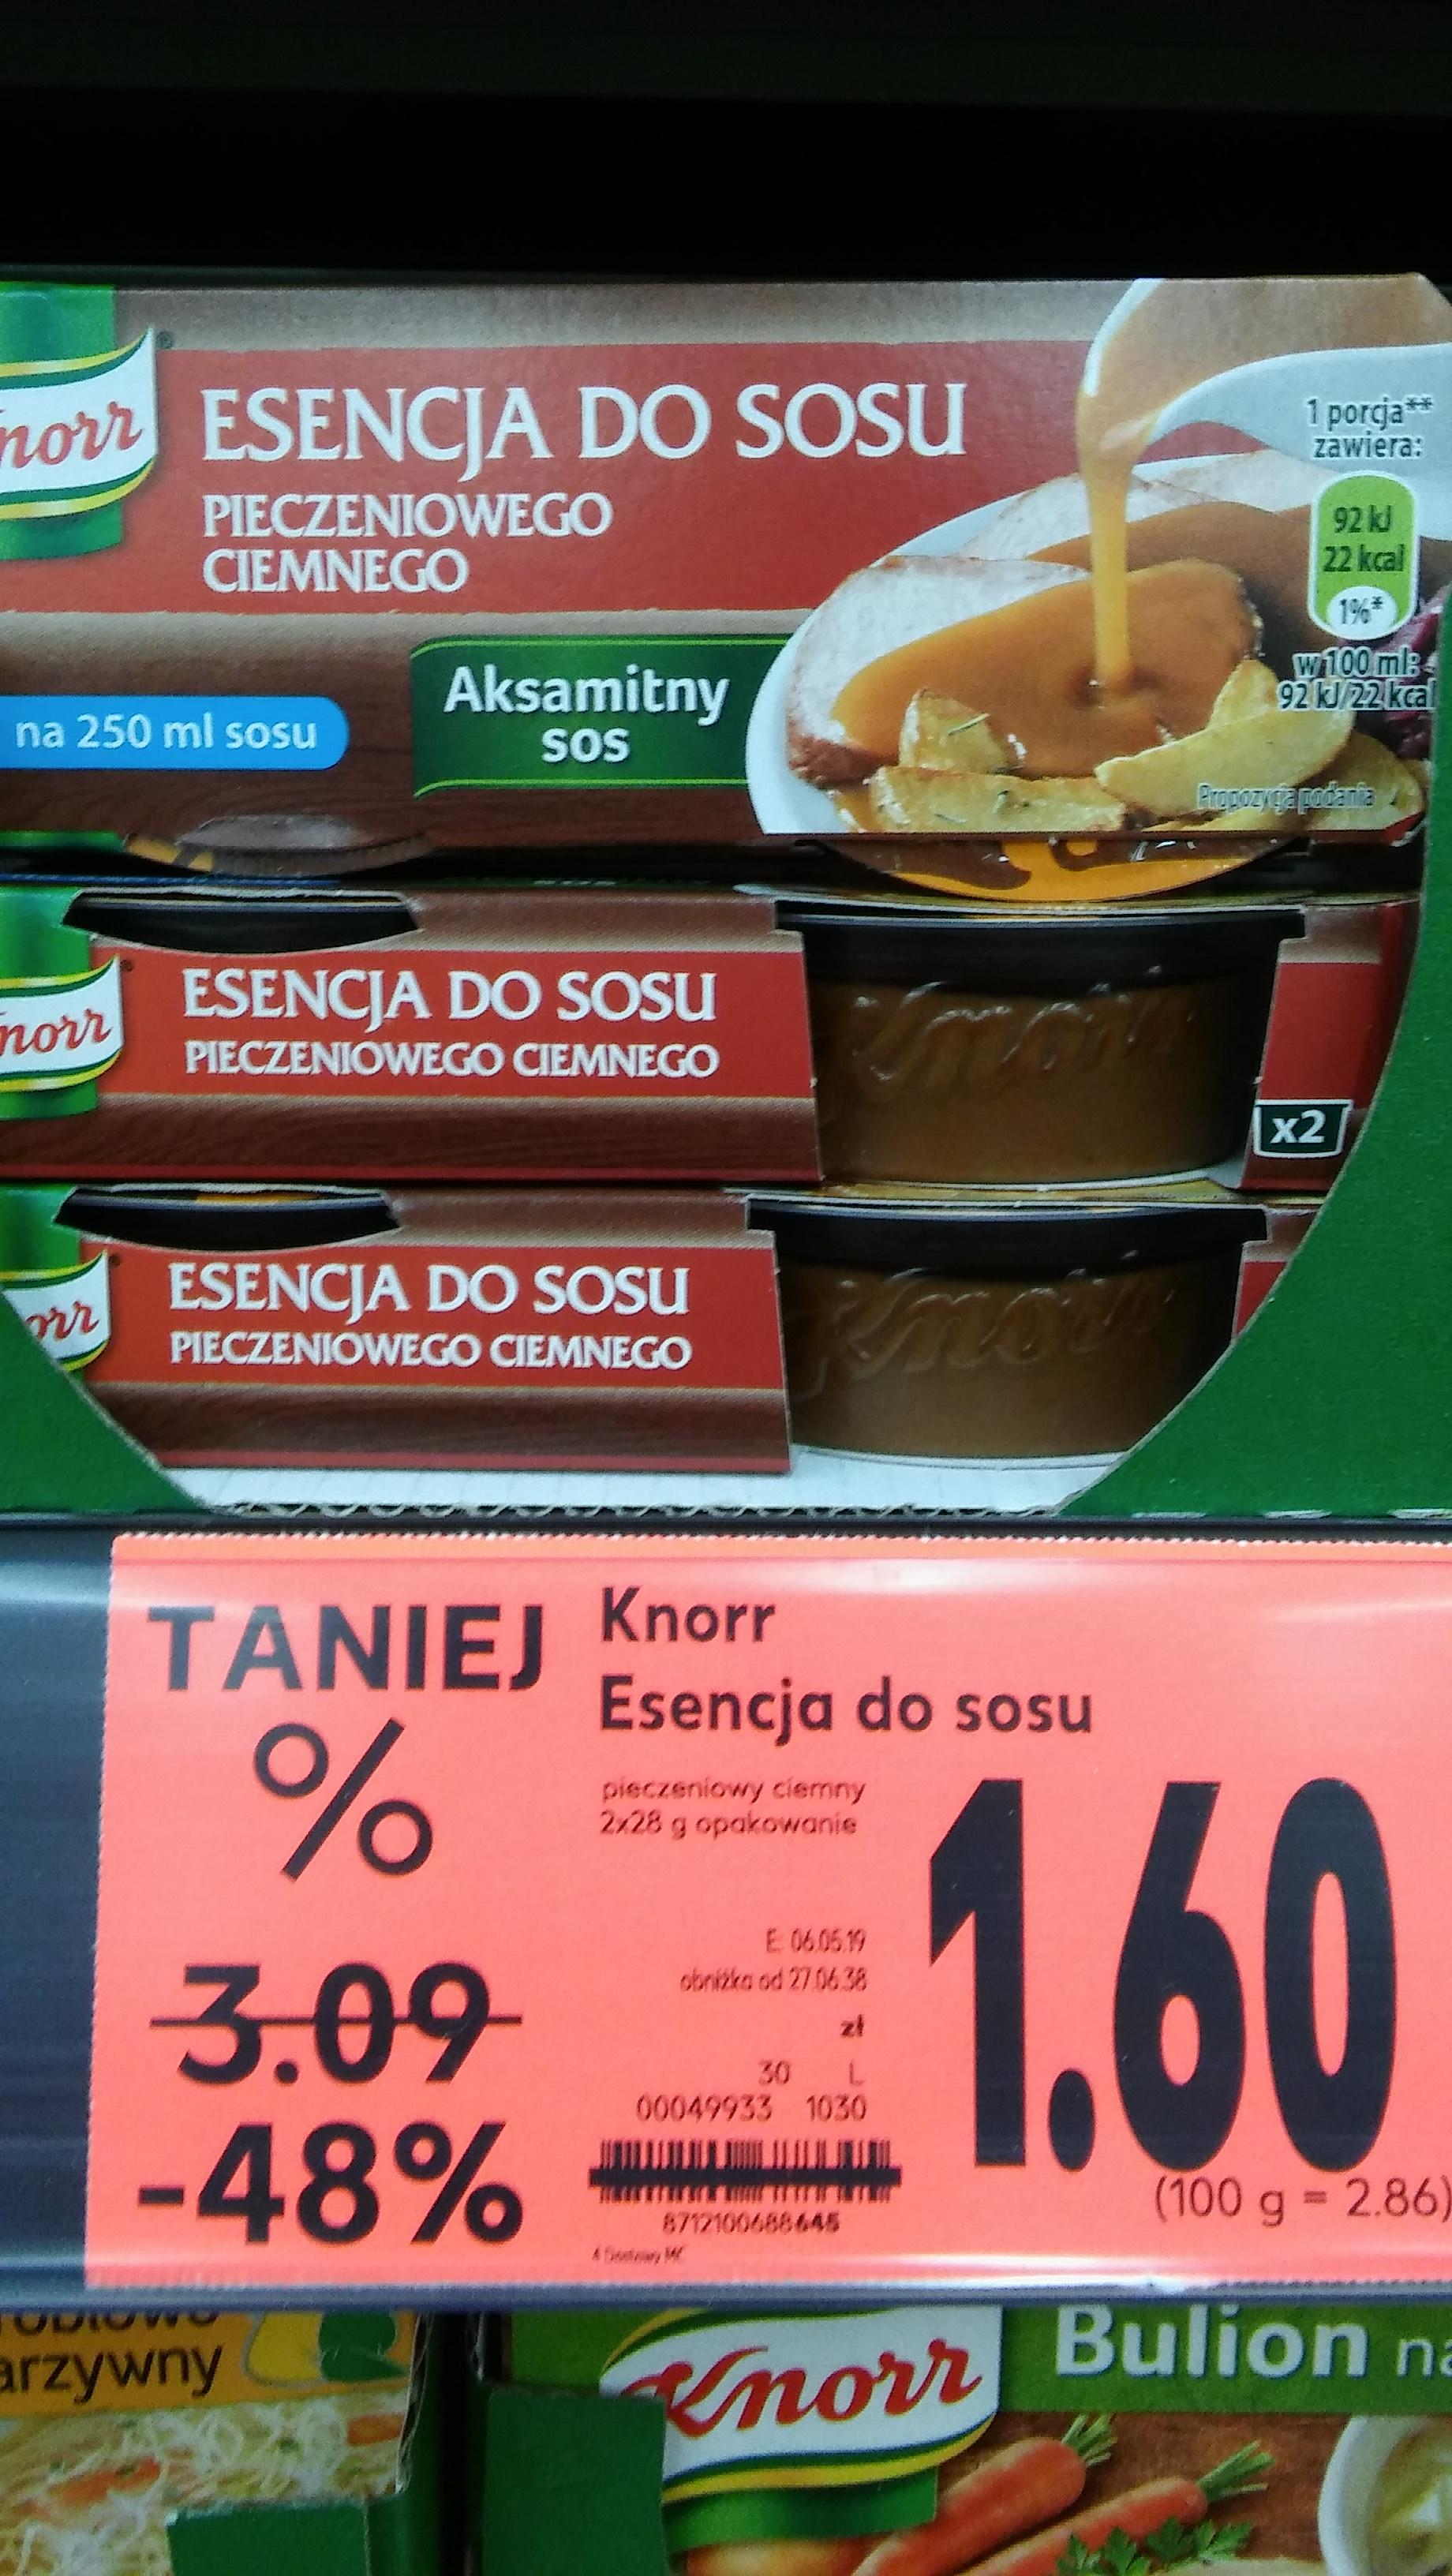 Knorr esencja do sosu pieczeniowego ciemnego @kaufland